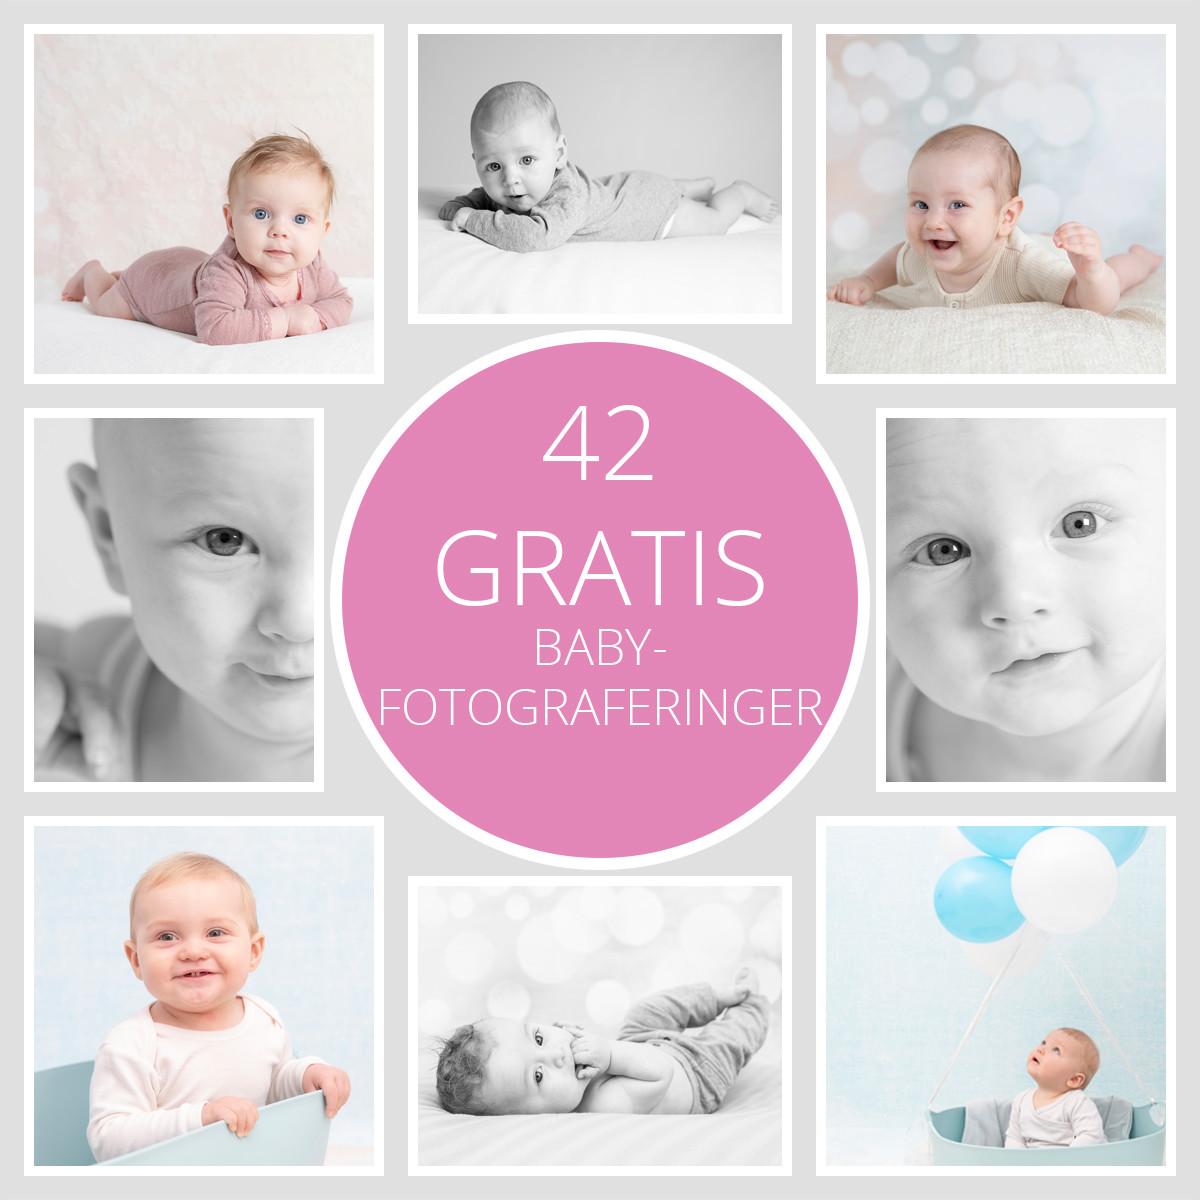 Pinkstudio by Angelina Devine GRATIS2020-3 Fødselsdagstilbud: GRATIS babyfotografering Baby Nyheder Portræt